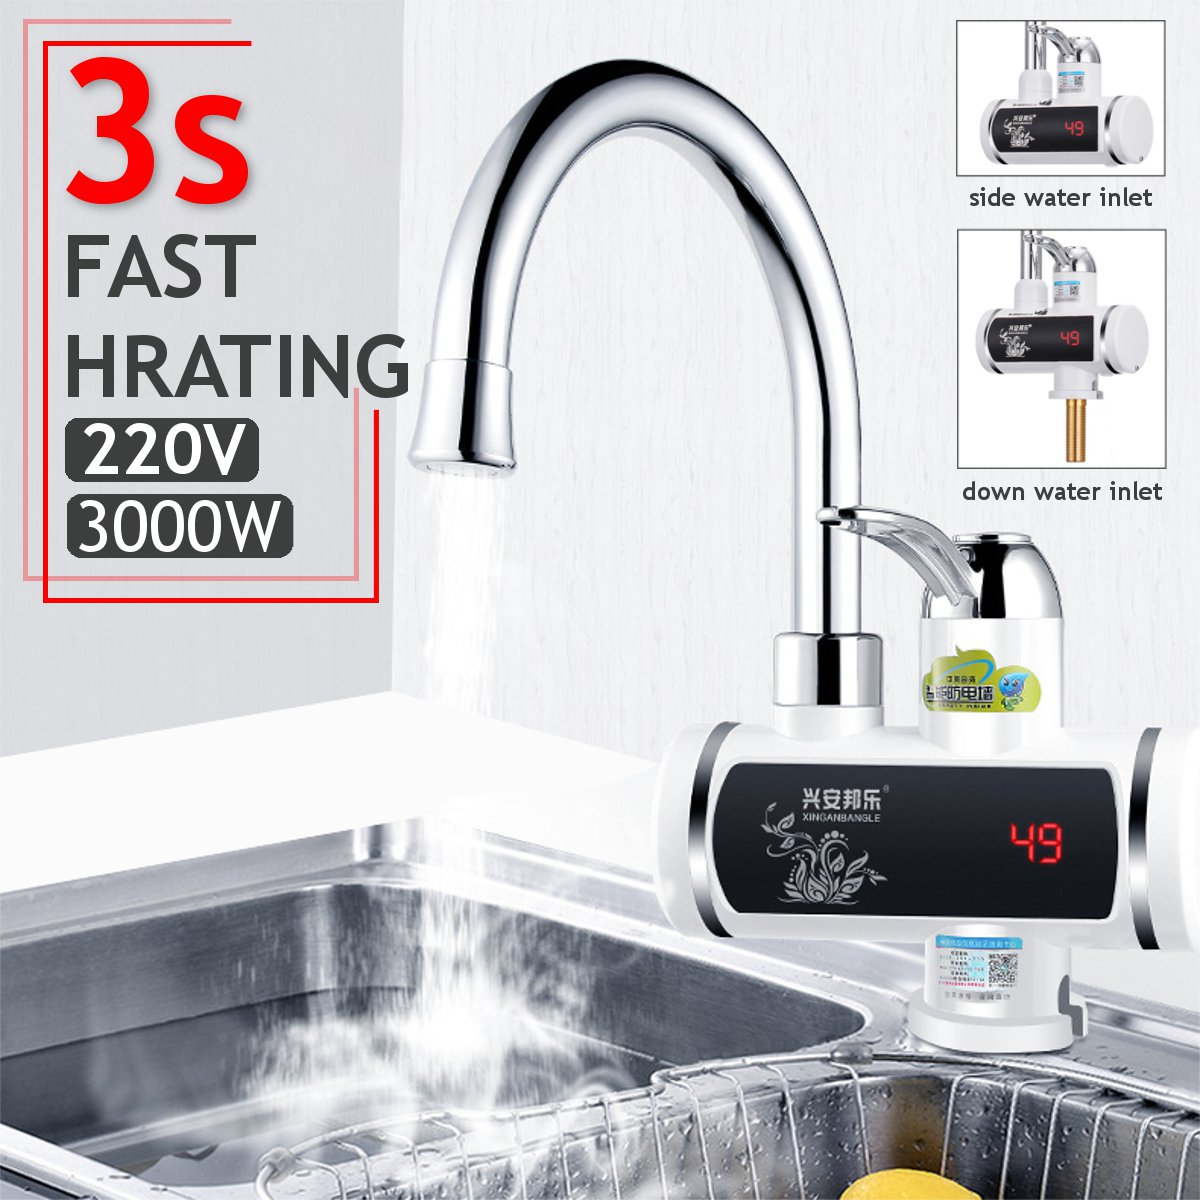 سخان مياه كهربائي s 220 فولت 3000 واط لحظة صنبور كهربائي المنزل المطبخ الساخن الباردة سخان مياه خلاط صنبور المطبخ الحمام تركيبات